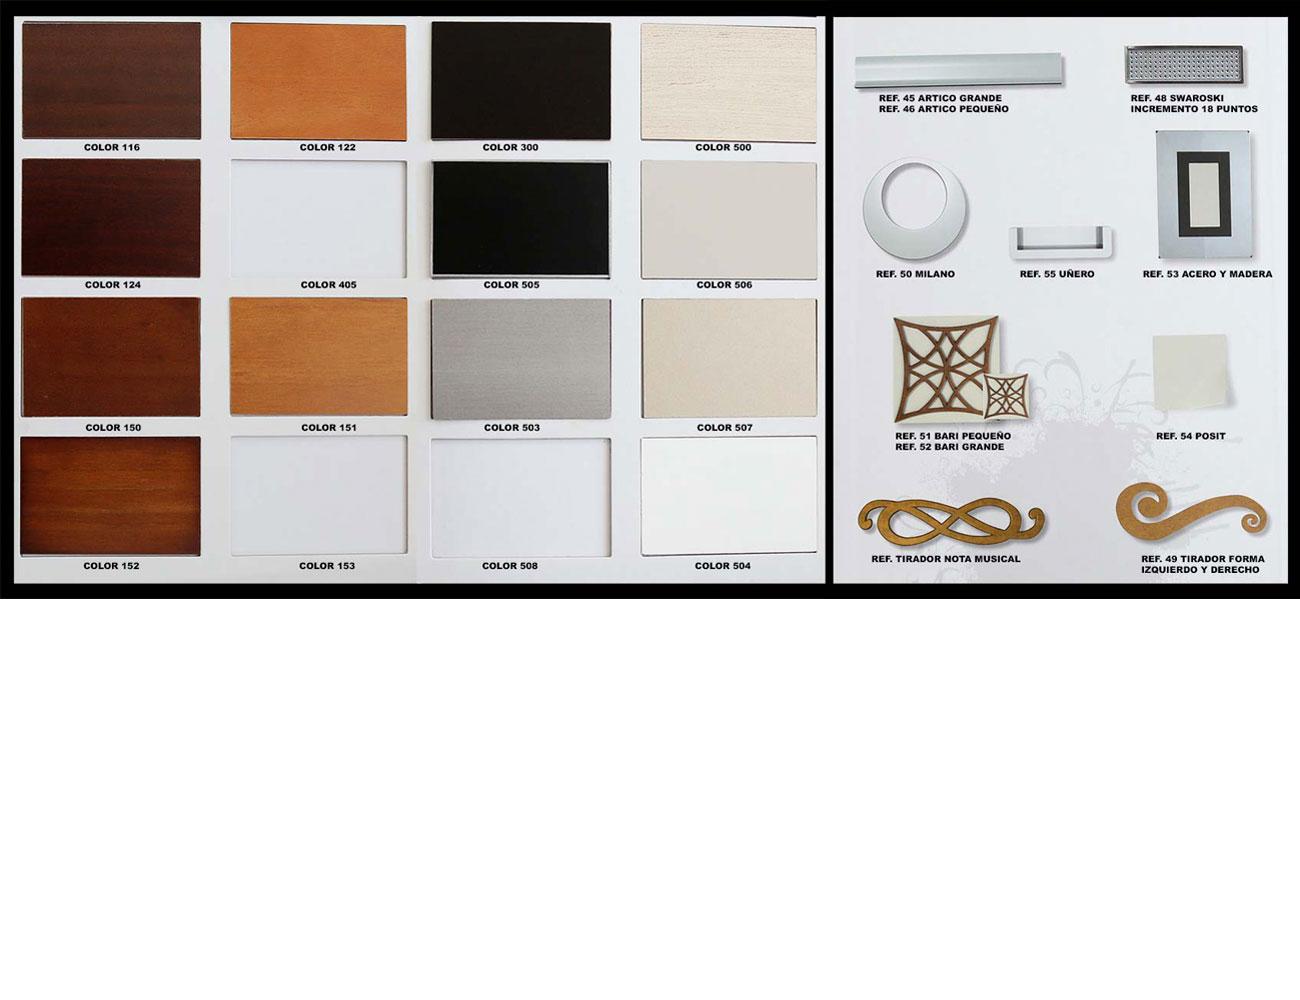 Colores tiradores26